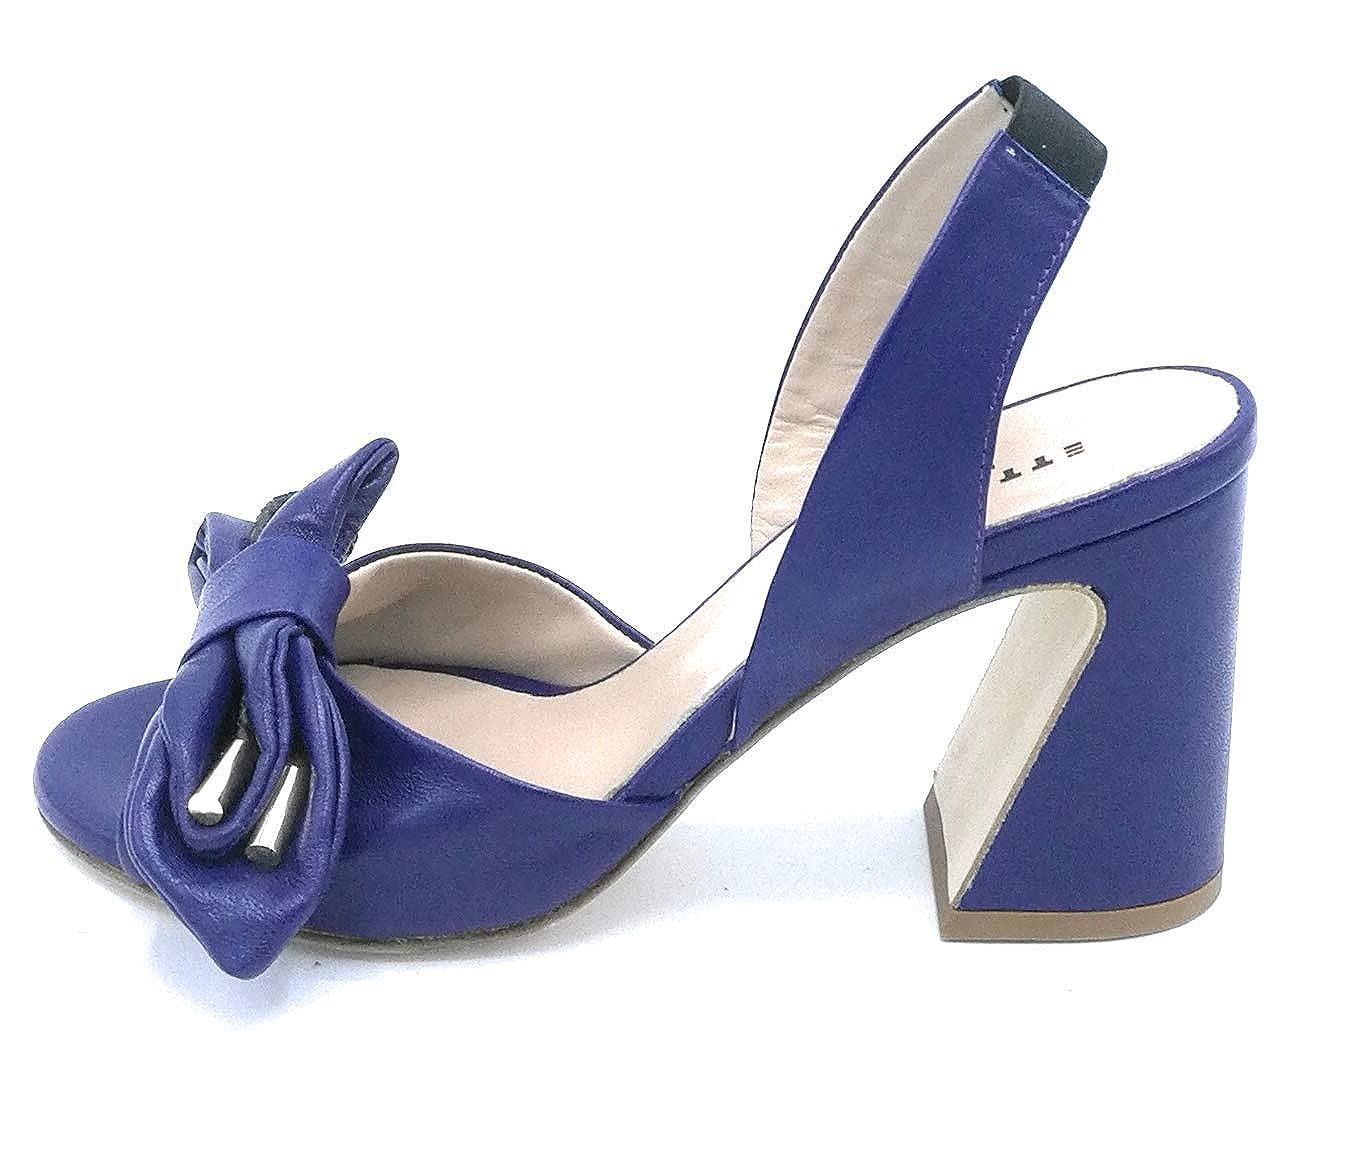 Lami 43001 Sandalo Nappa Blu Fiocco Accessorio Cinturino Elastico Tacco 8 cm - Taglia Scarpa 40 colore Blu Elettrico